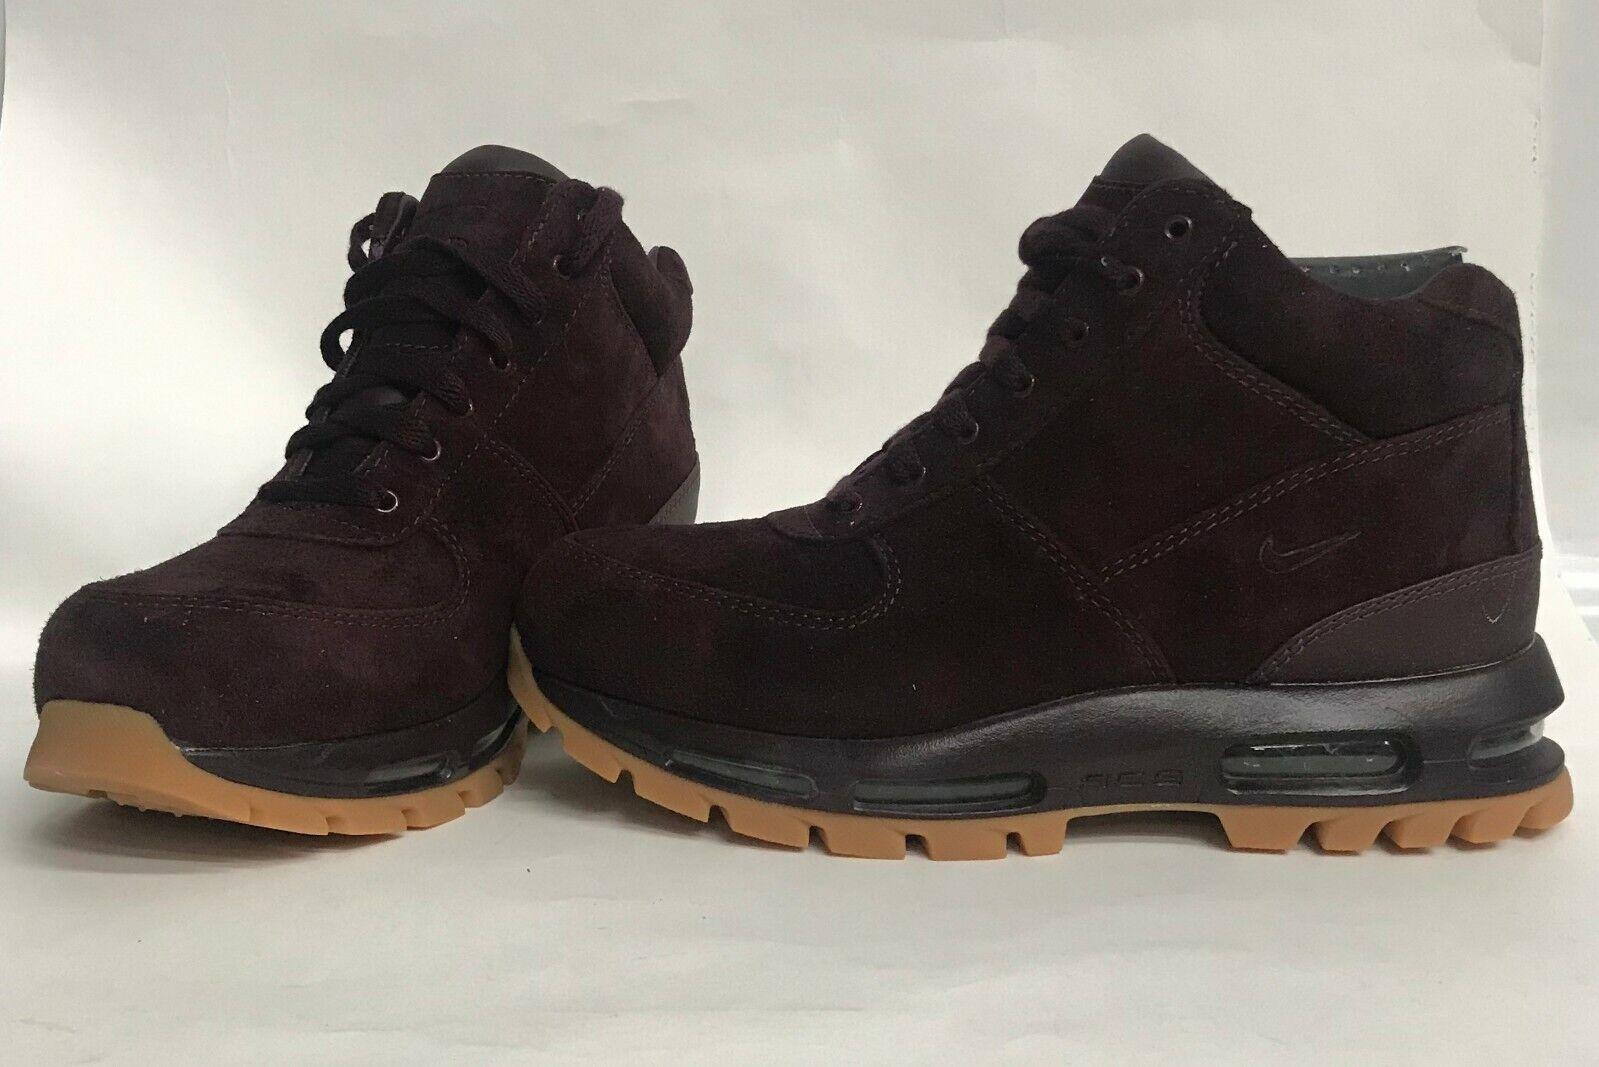 Men's size 12 Nike Air Max Goadome 2013 ACG Boots Deep Burgundy-Gum 599474-600